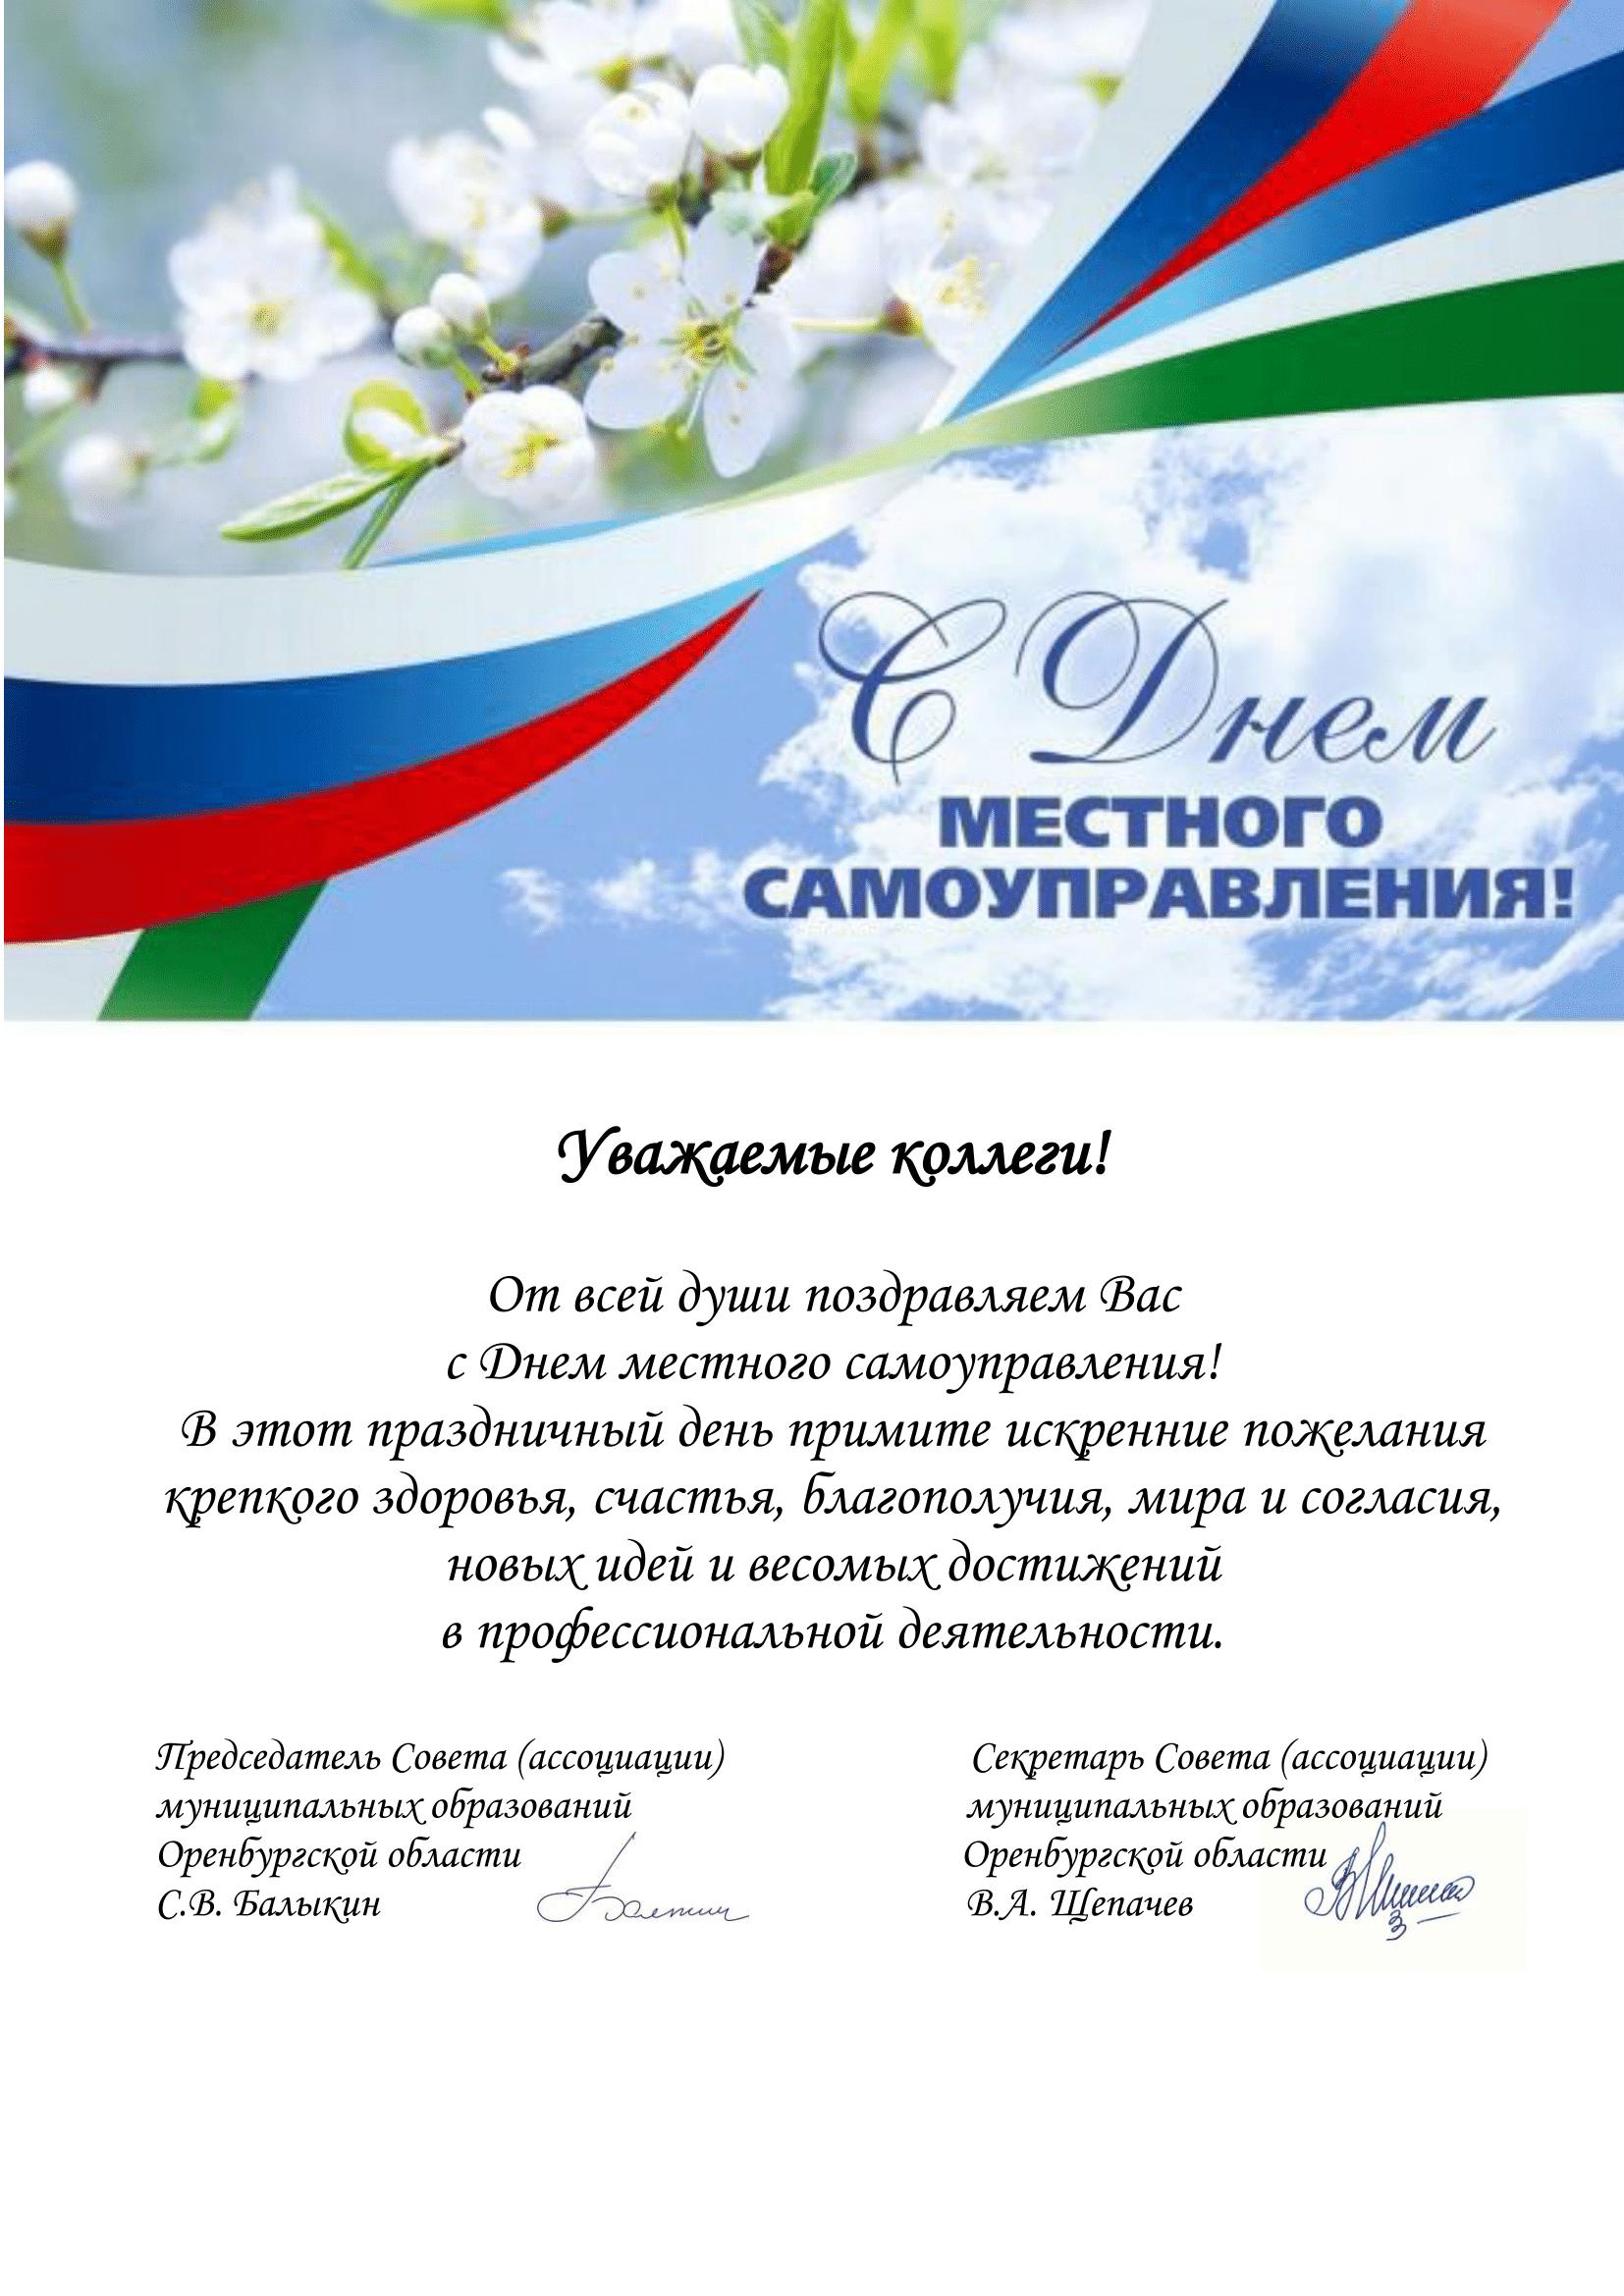 Поздравление с днем МСУ-1